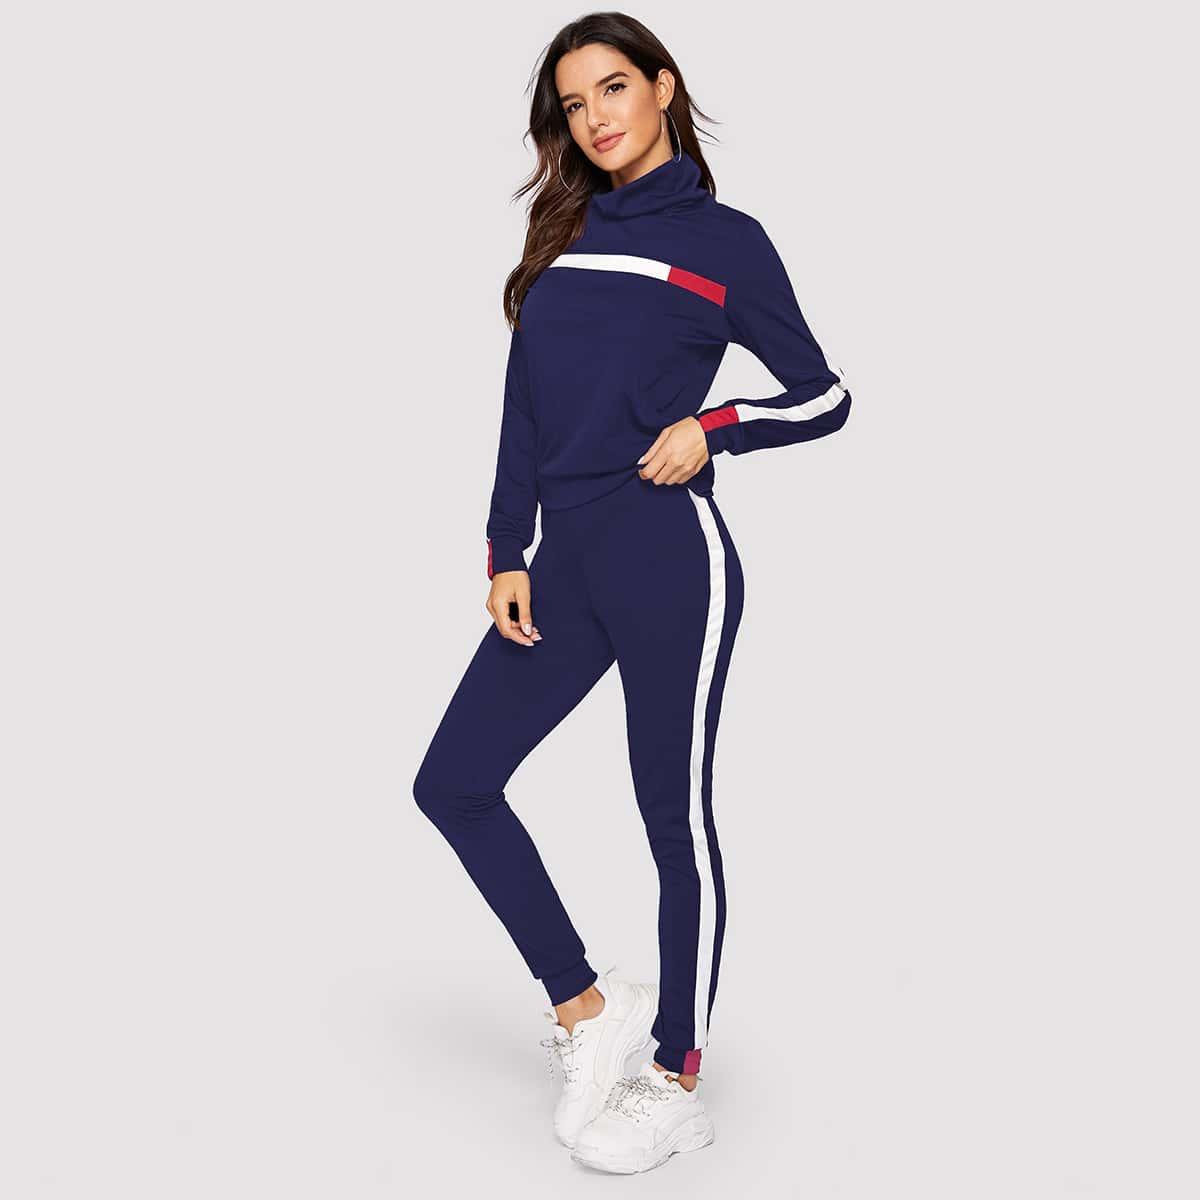 Спортивные брюки и контрастный свитшот с высоким вырезом от SHEIN